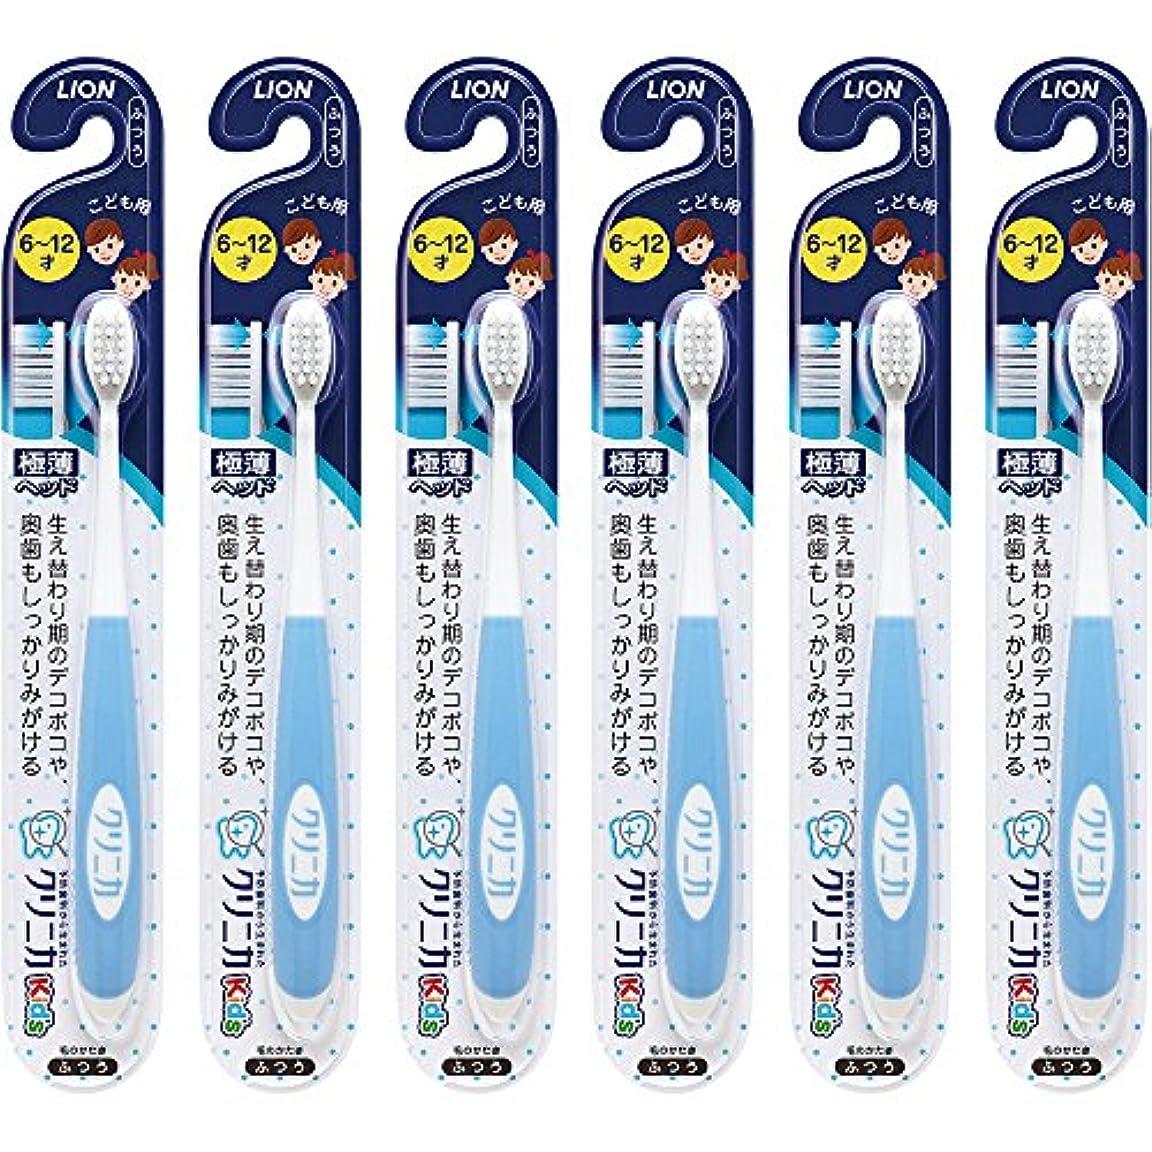 アロング圧力サスティーンクリニカKid's ハブラシ 6-12才用 6本パック(ブルー)